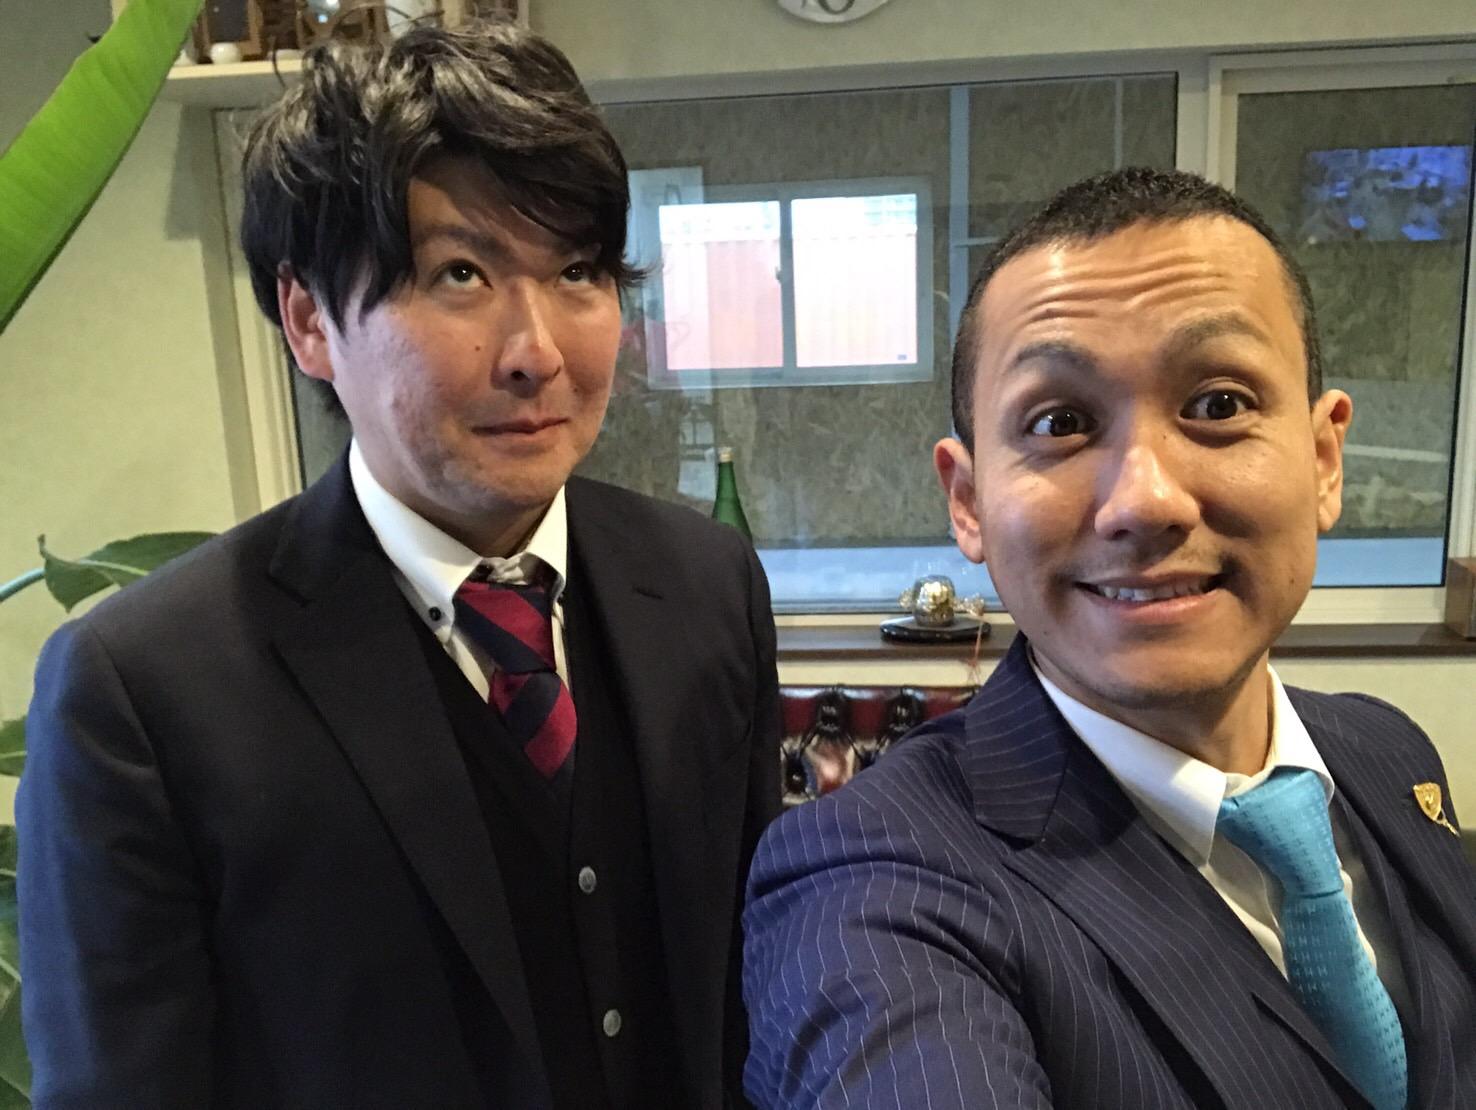 11月30日水曜日のひとログ(。・ω・。) 植東さん卒業!!!今までありがとうございました!_b0127002_1853499.jpg